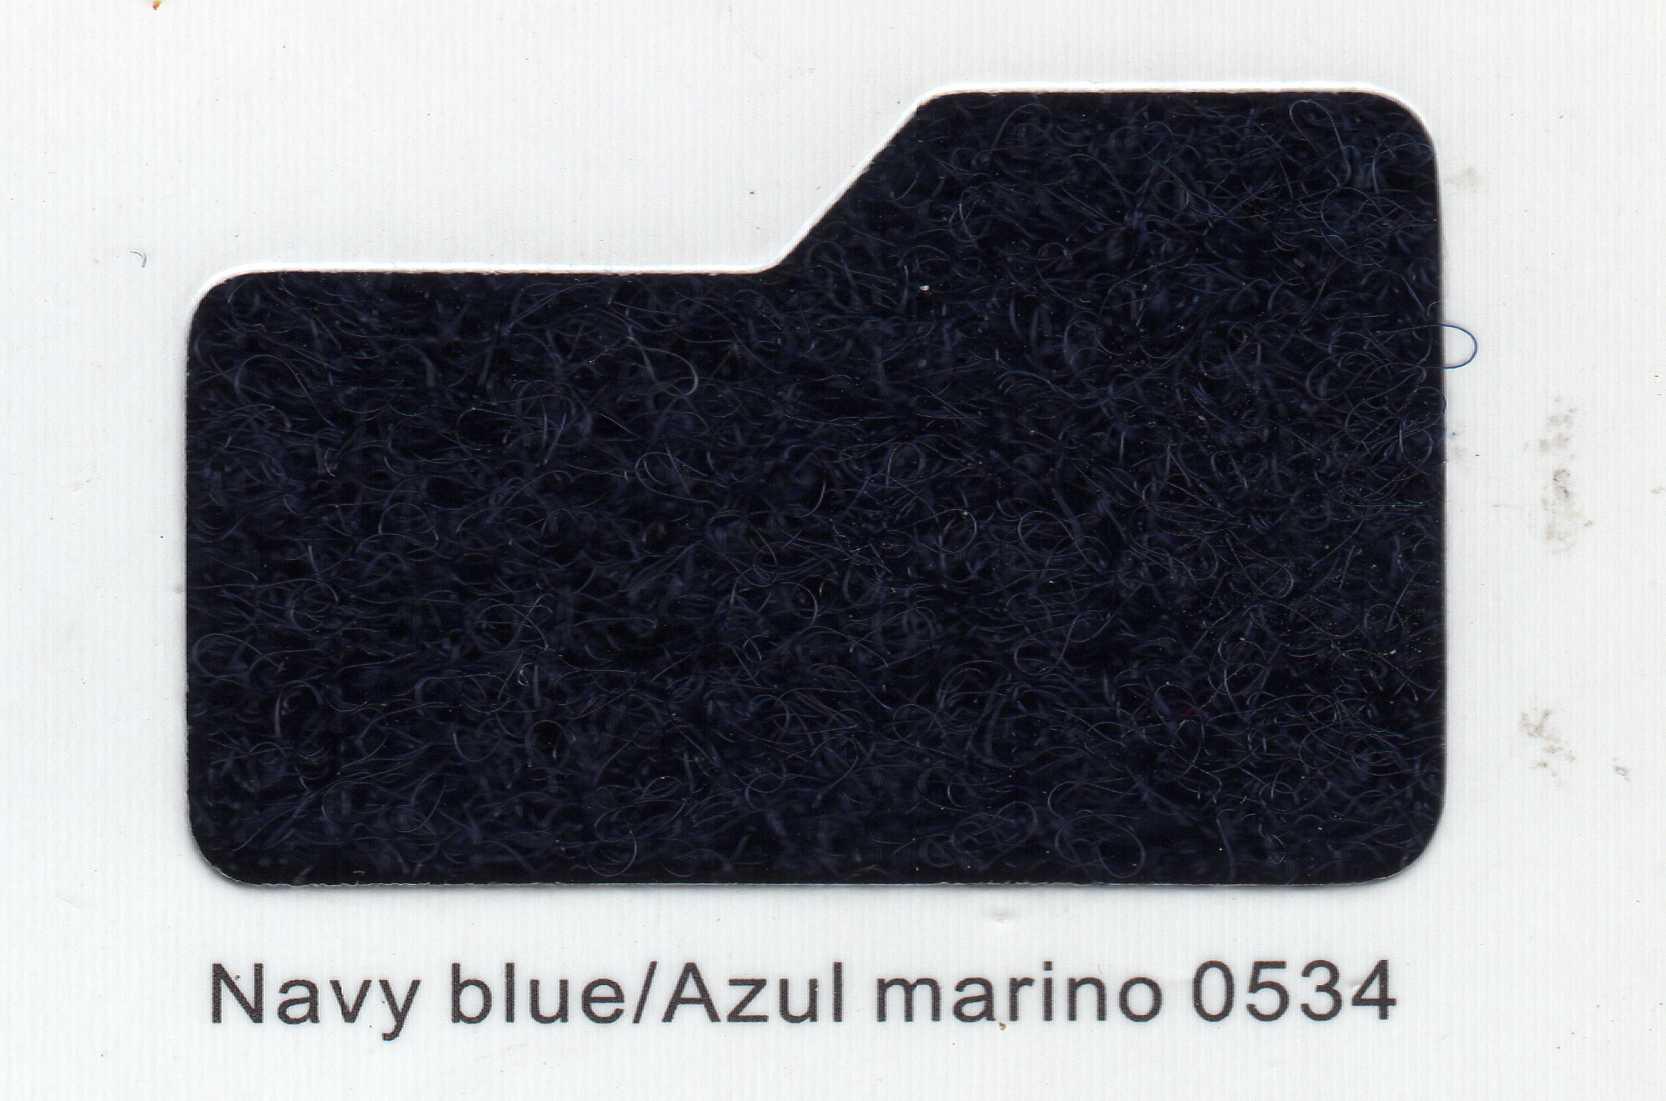 Cinta de cierre Velcro-Veraco 30mm Azul Marino 0534 (Rizo).